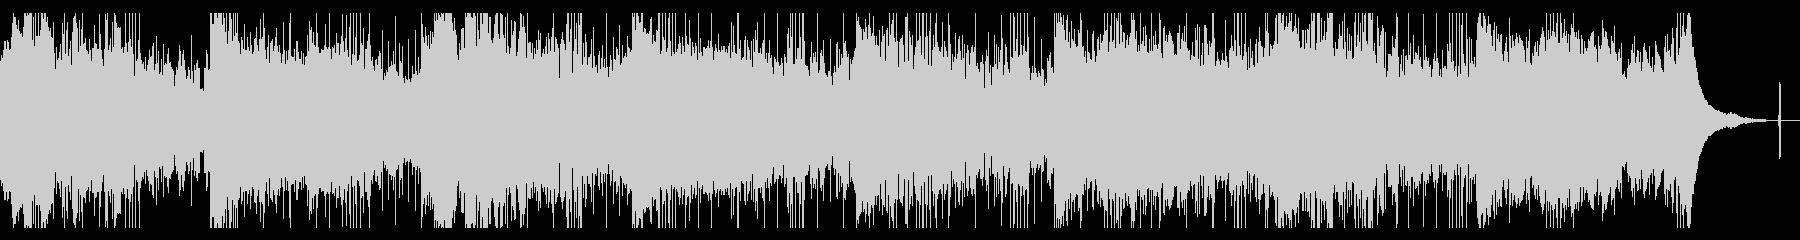 シネマティックなテクスチャーIDMの未再生の波形